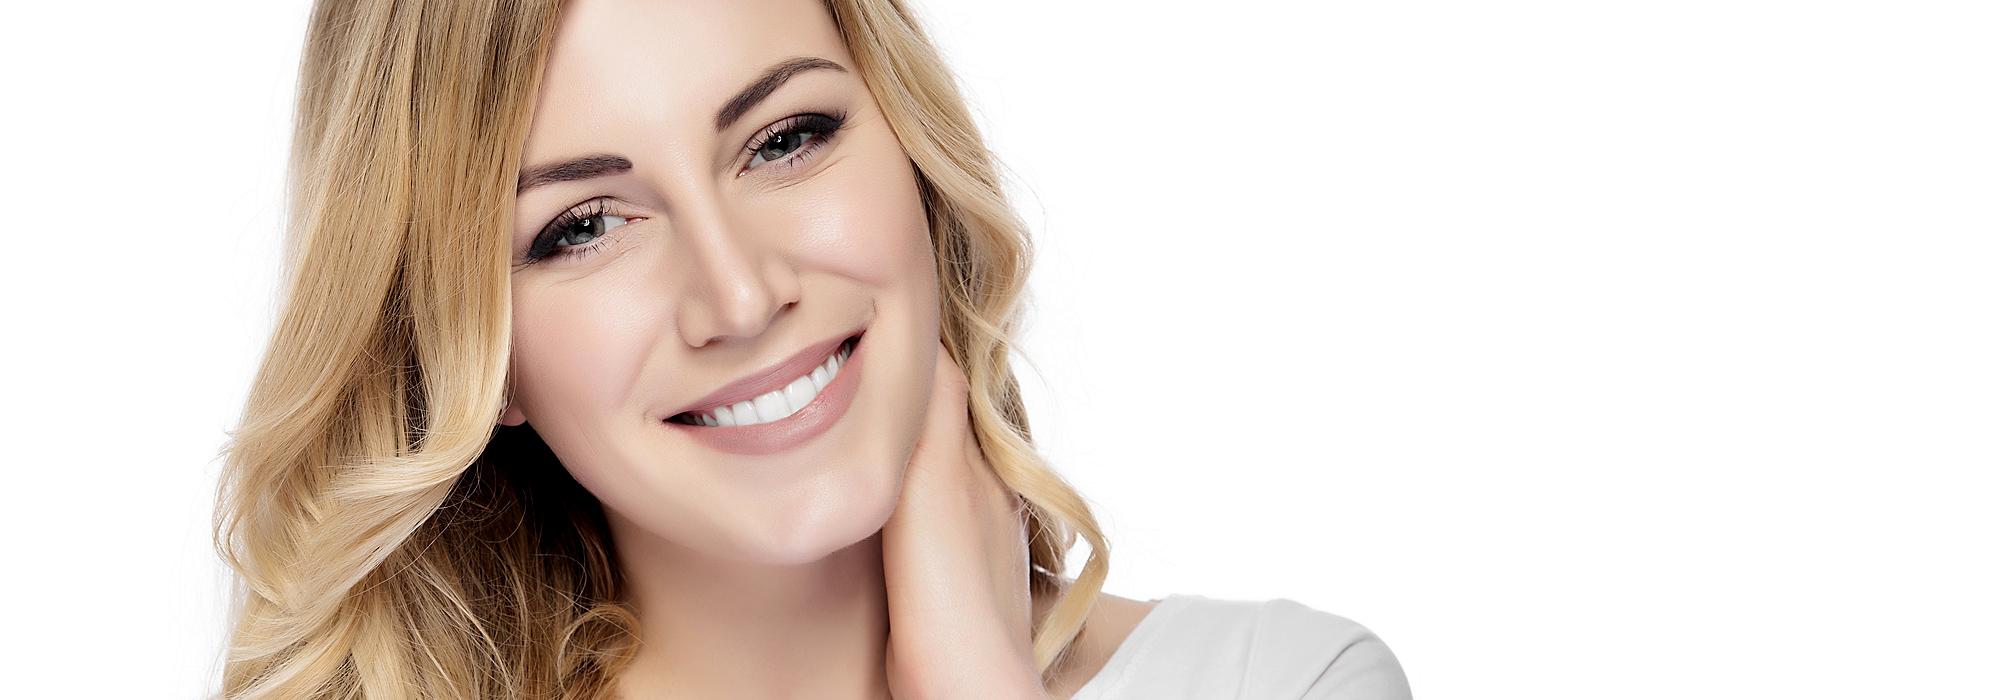 Dental Star - Gabinet stomatologii estetycznej Białystok